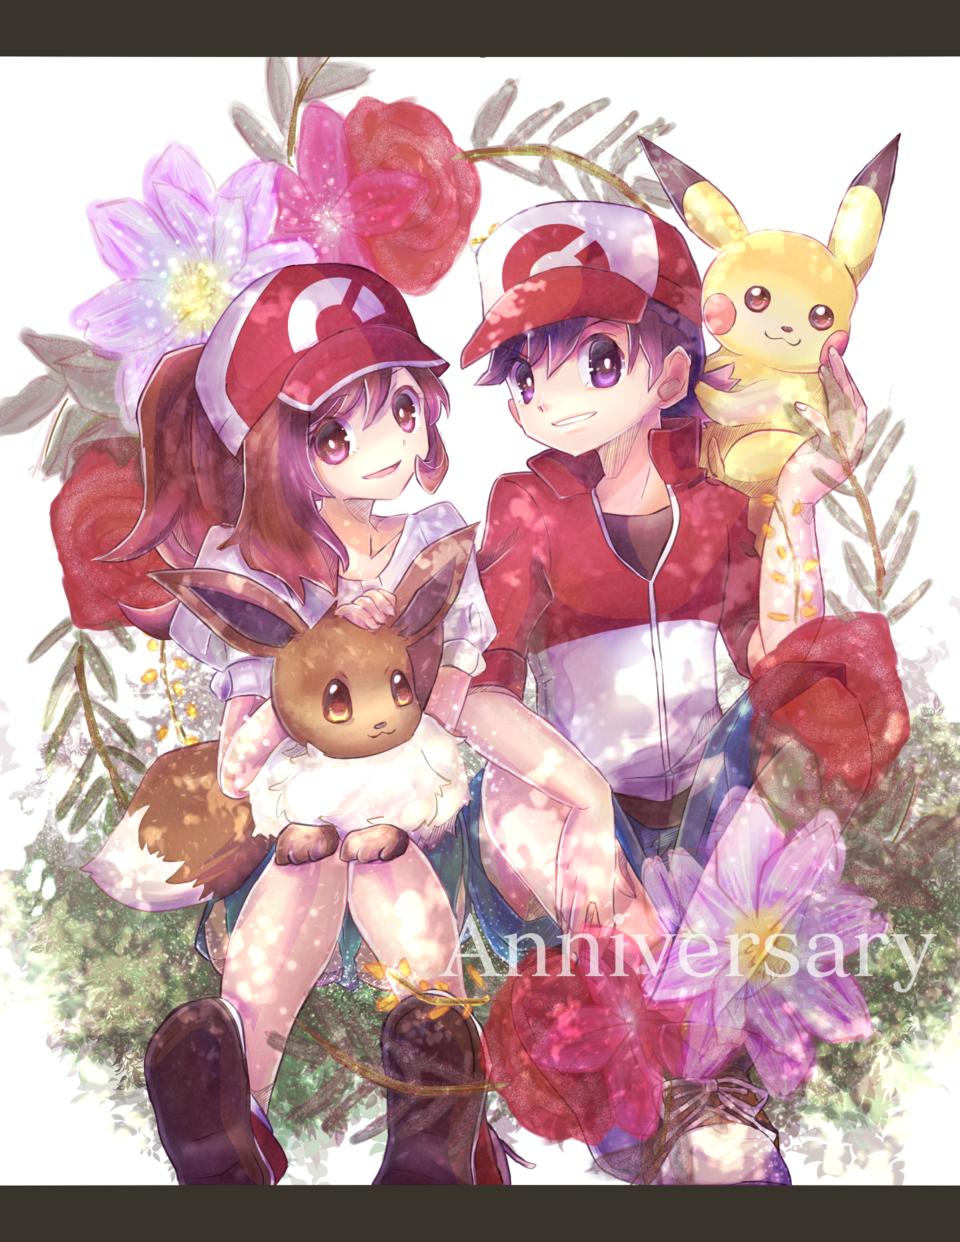 【Pokemon】LPLE 1st Anniv Illust of NGO medibangpaint Pikachu Eevee pokemon